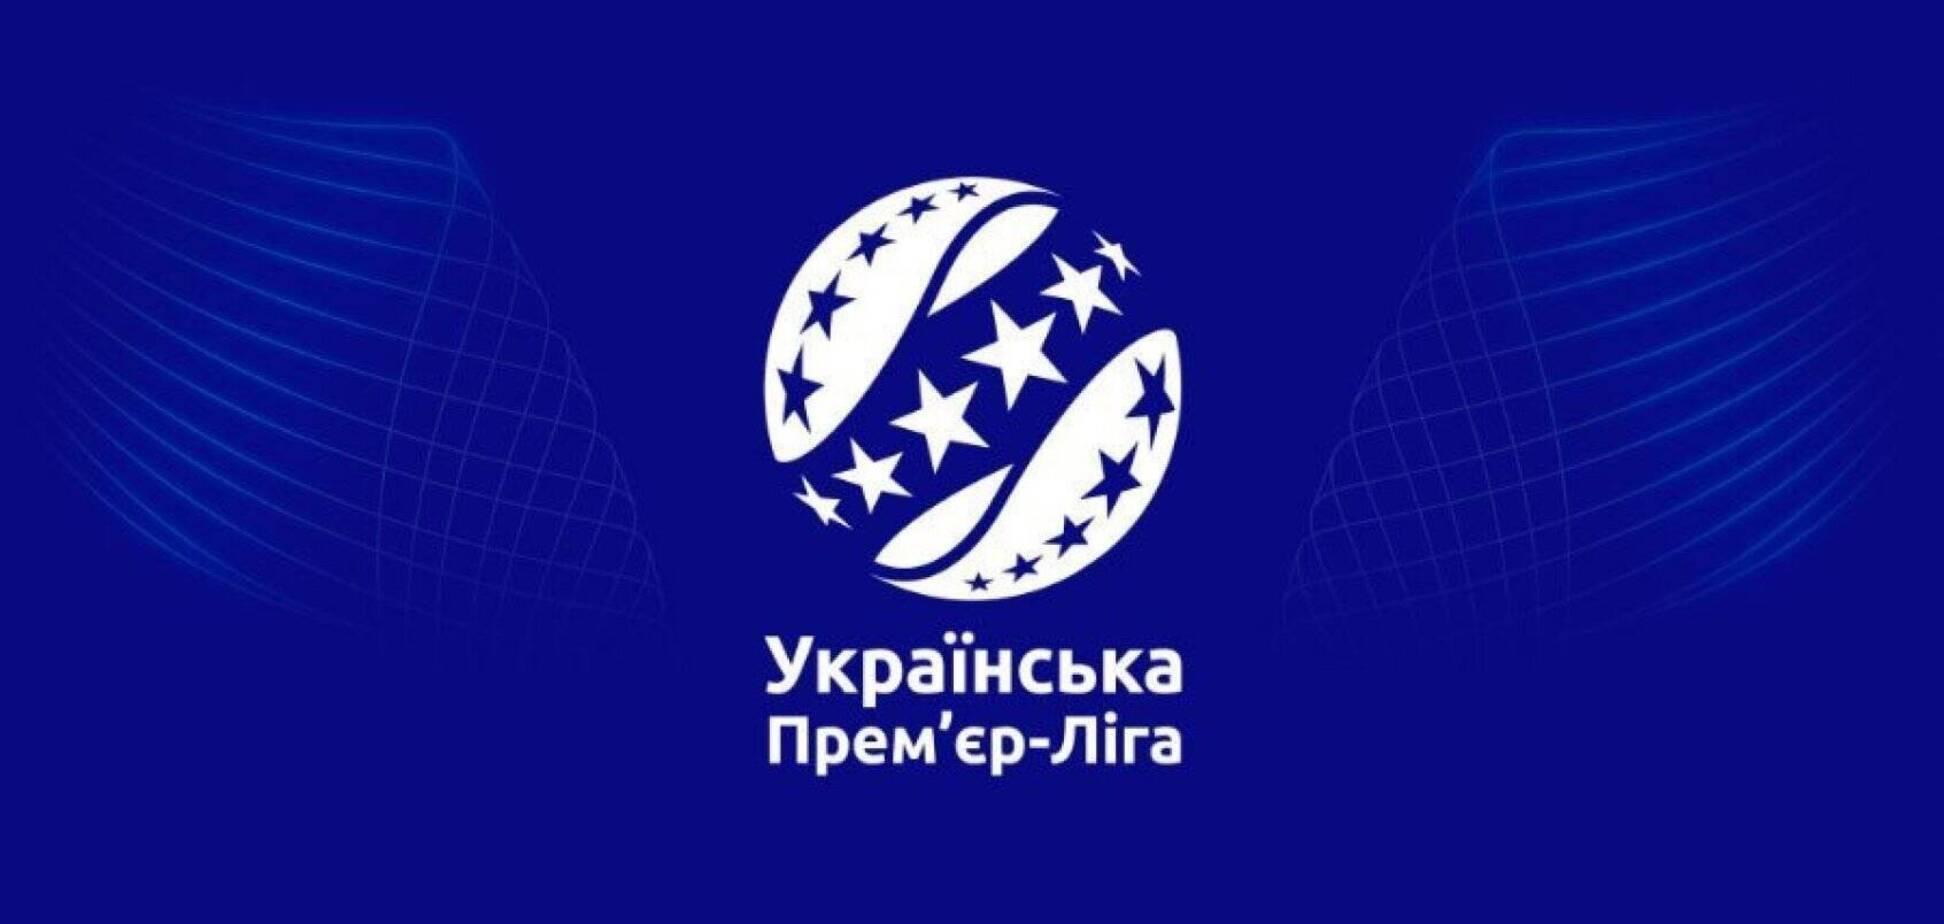 В УПЛ 2020/21 примет участие 14 клубов